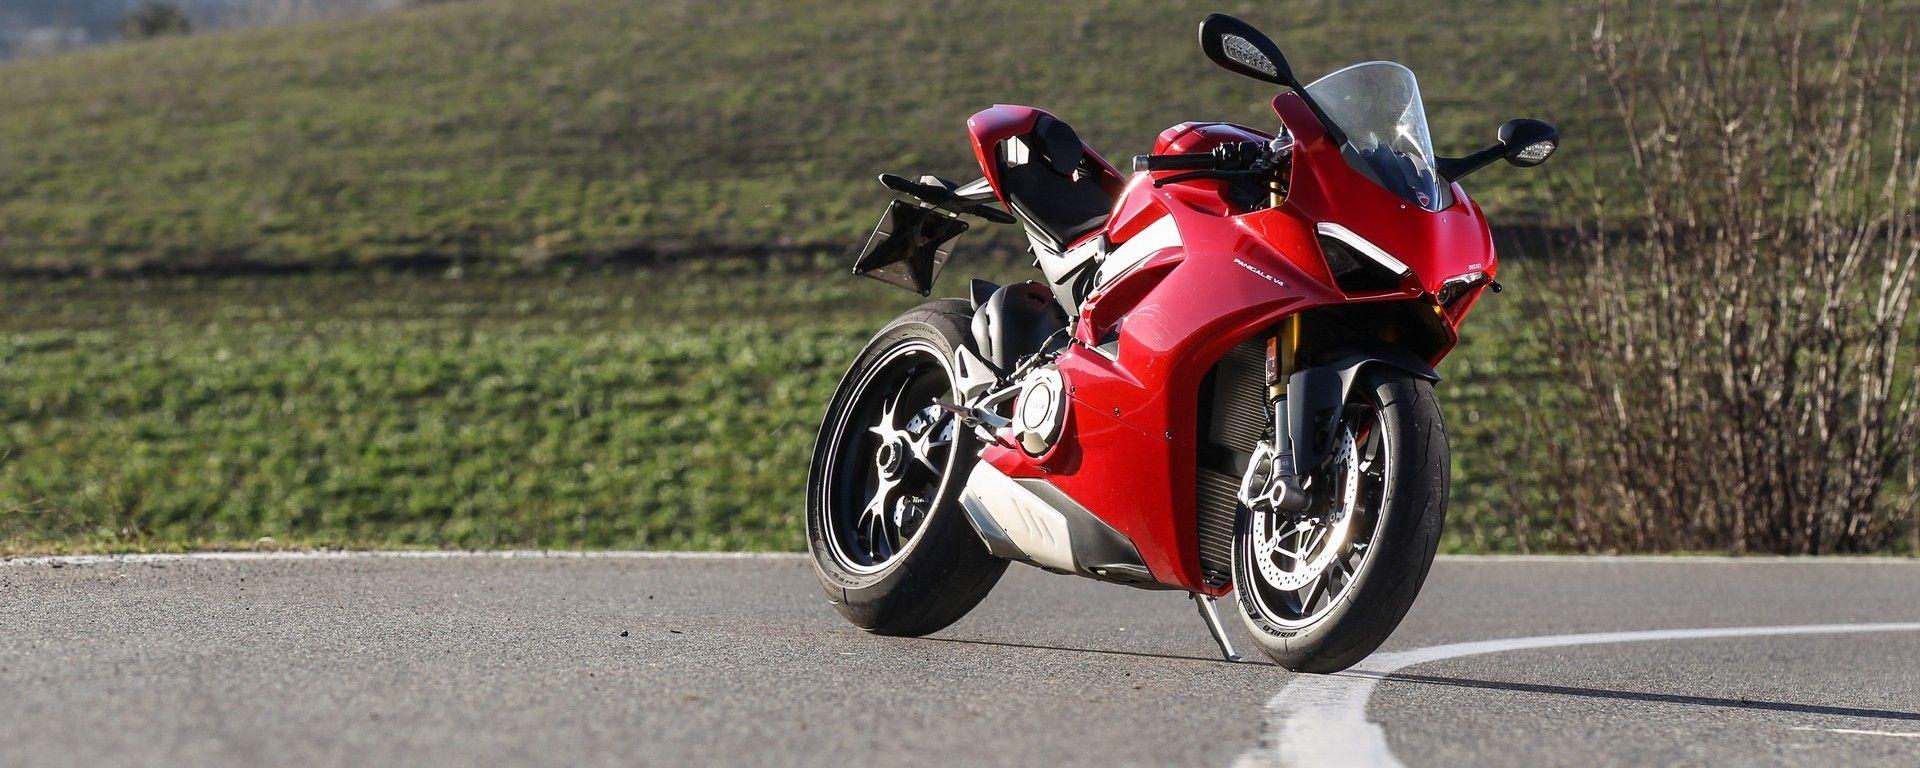 Ducati Panigale V4: vista 3/4 anteriore